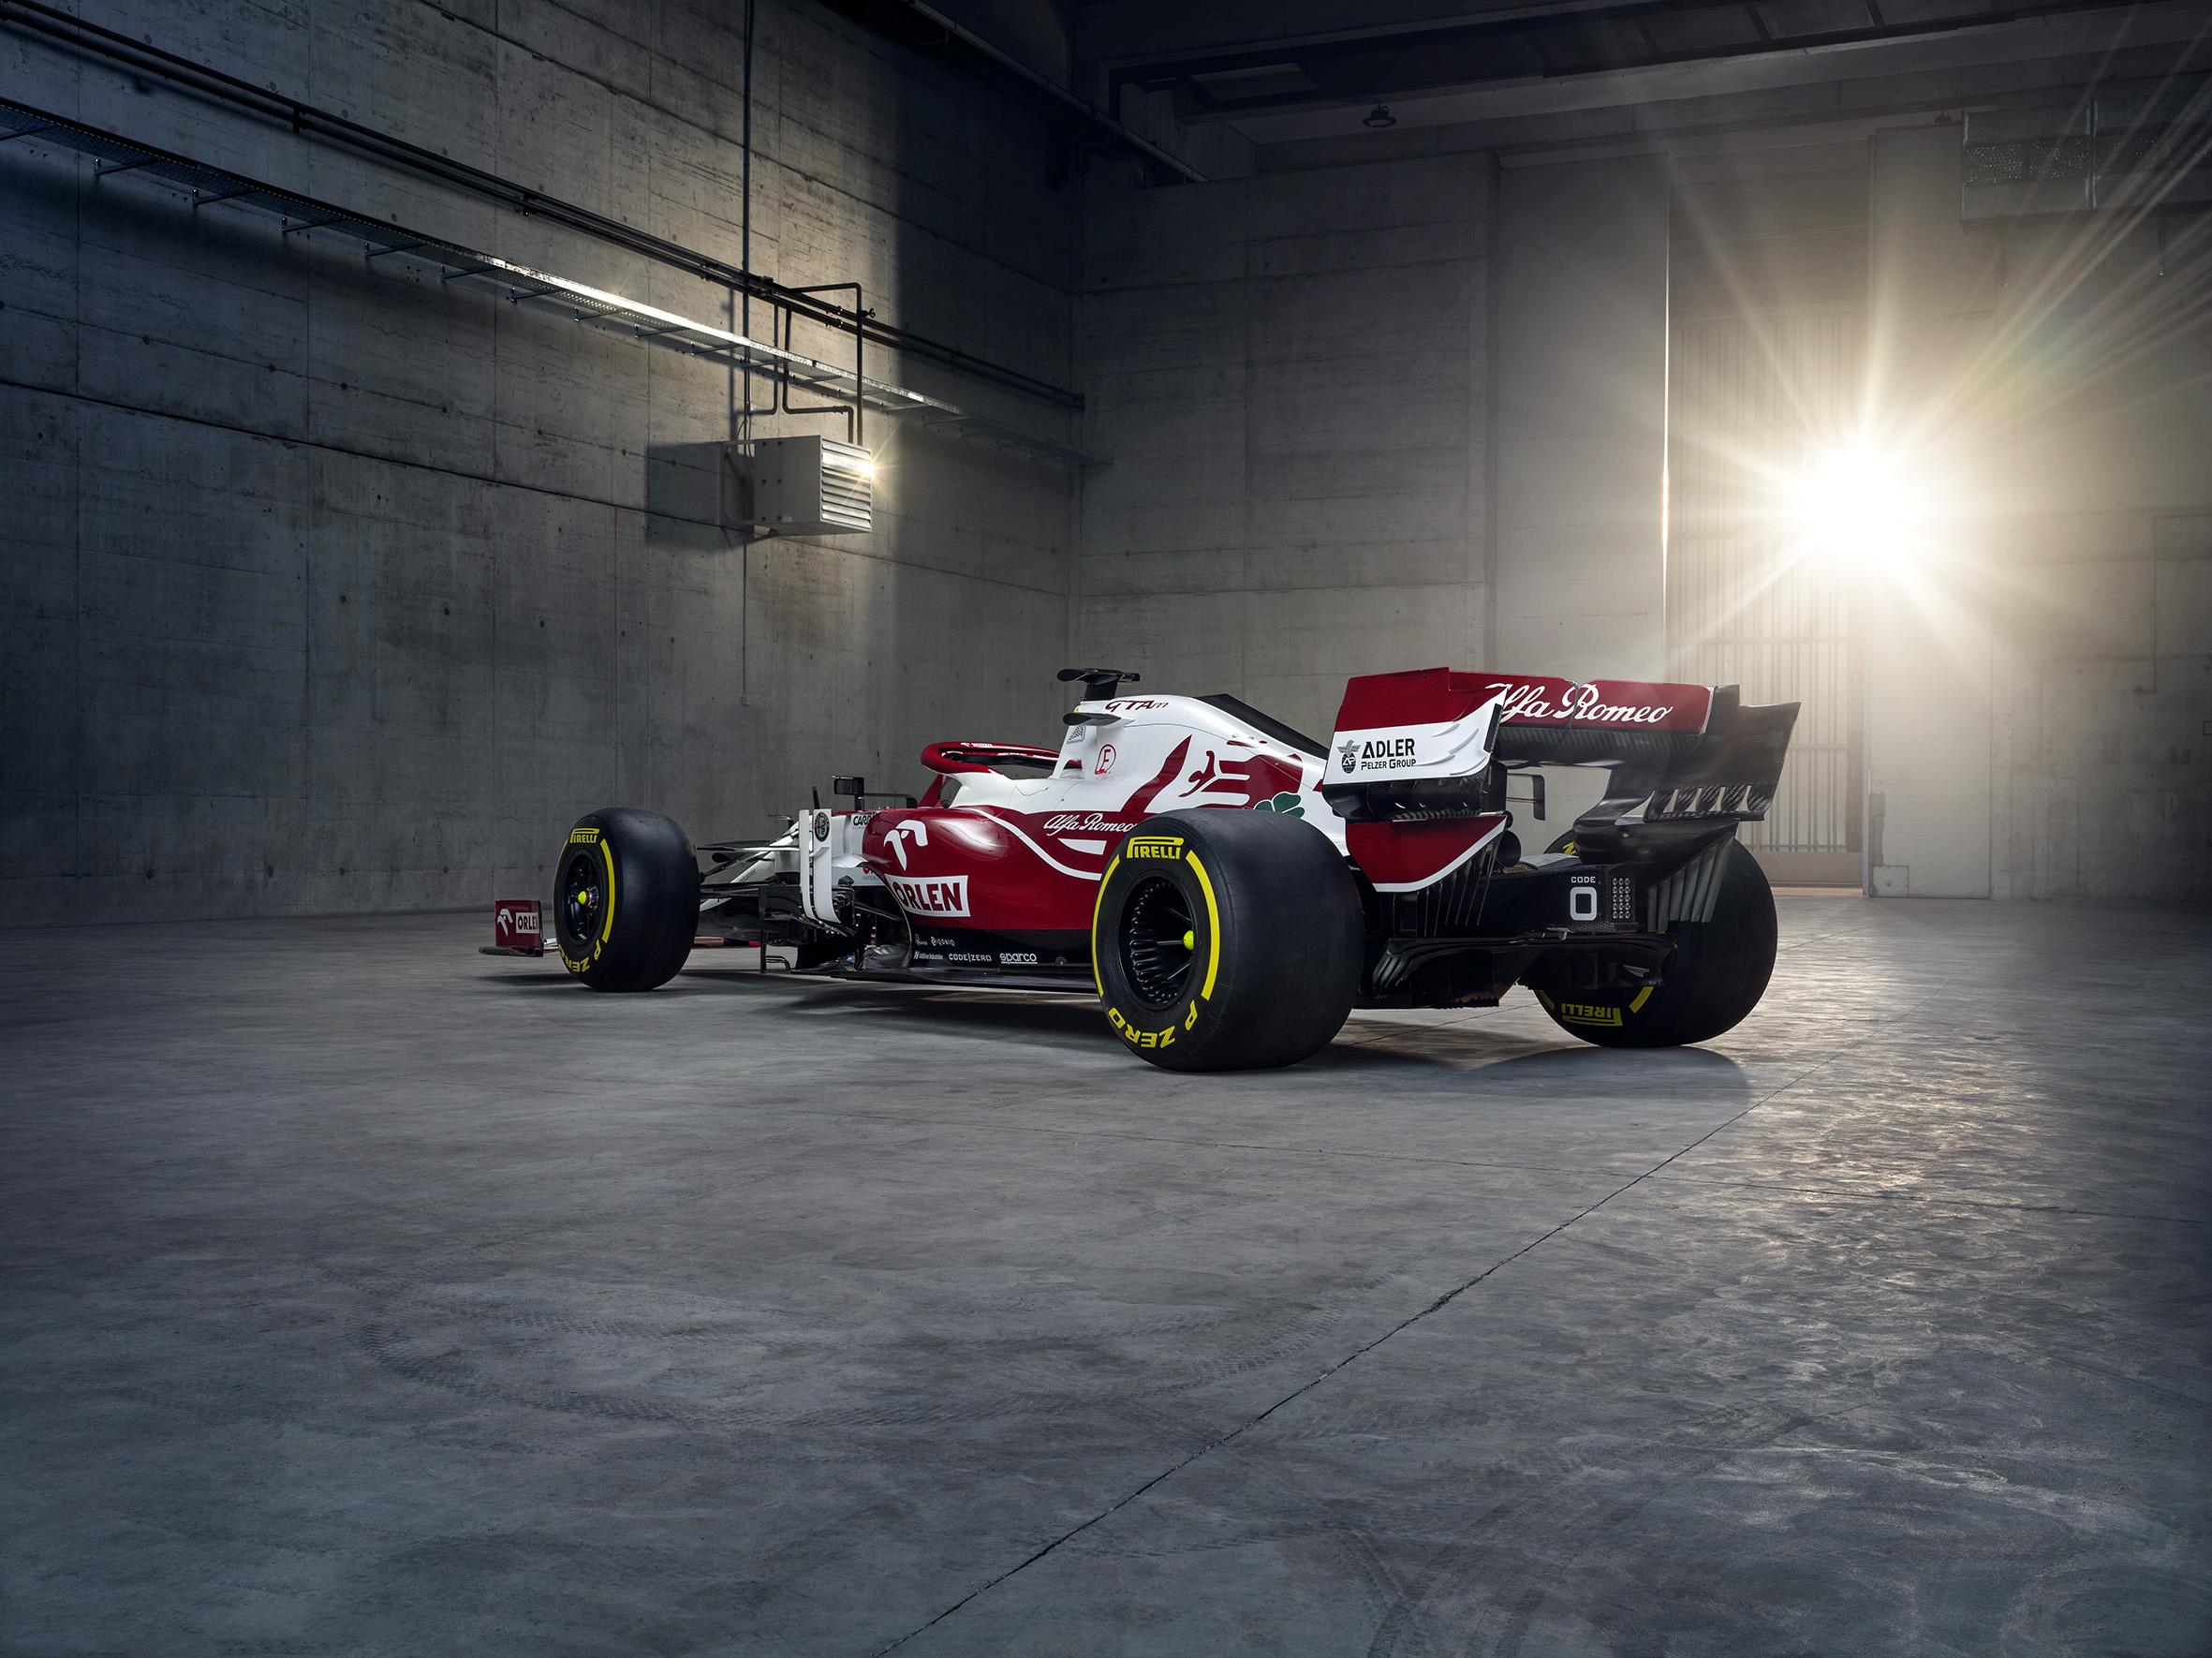 Alfa Romeo, dispuesta a seguir en F1 al menos hasta 2025